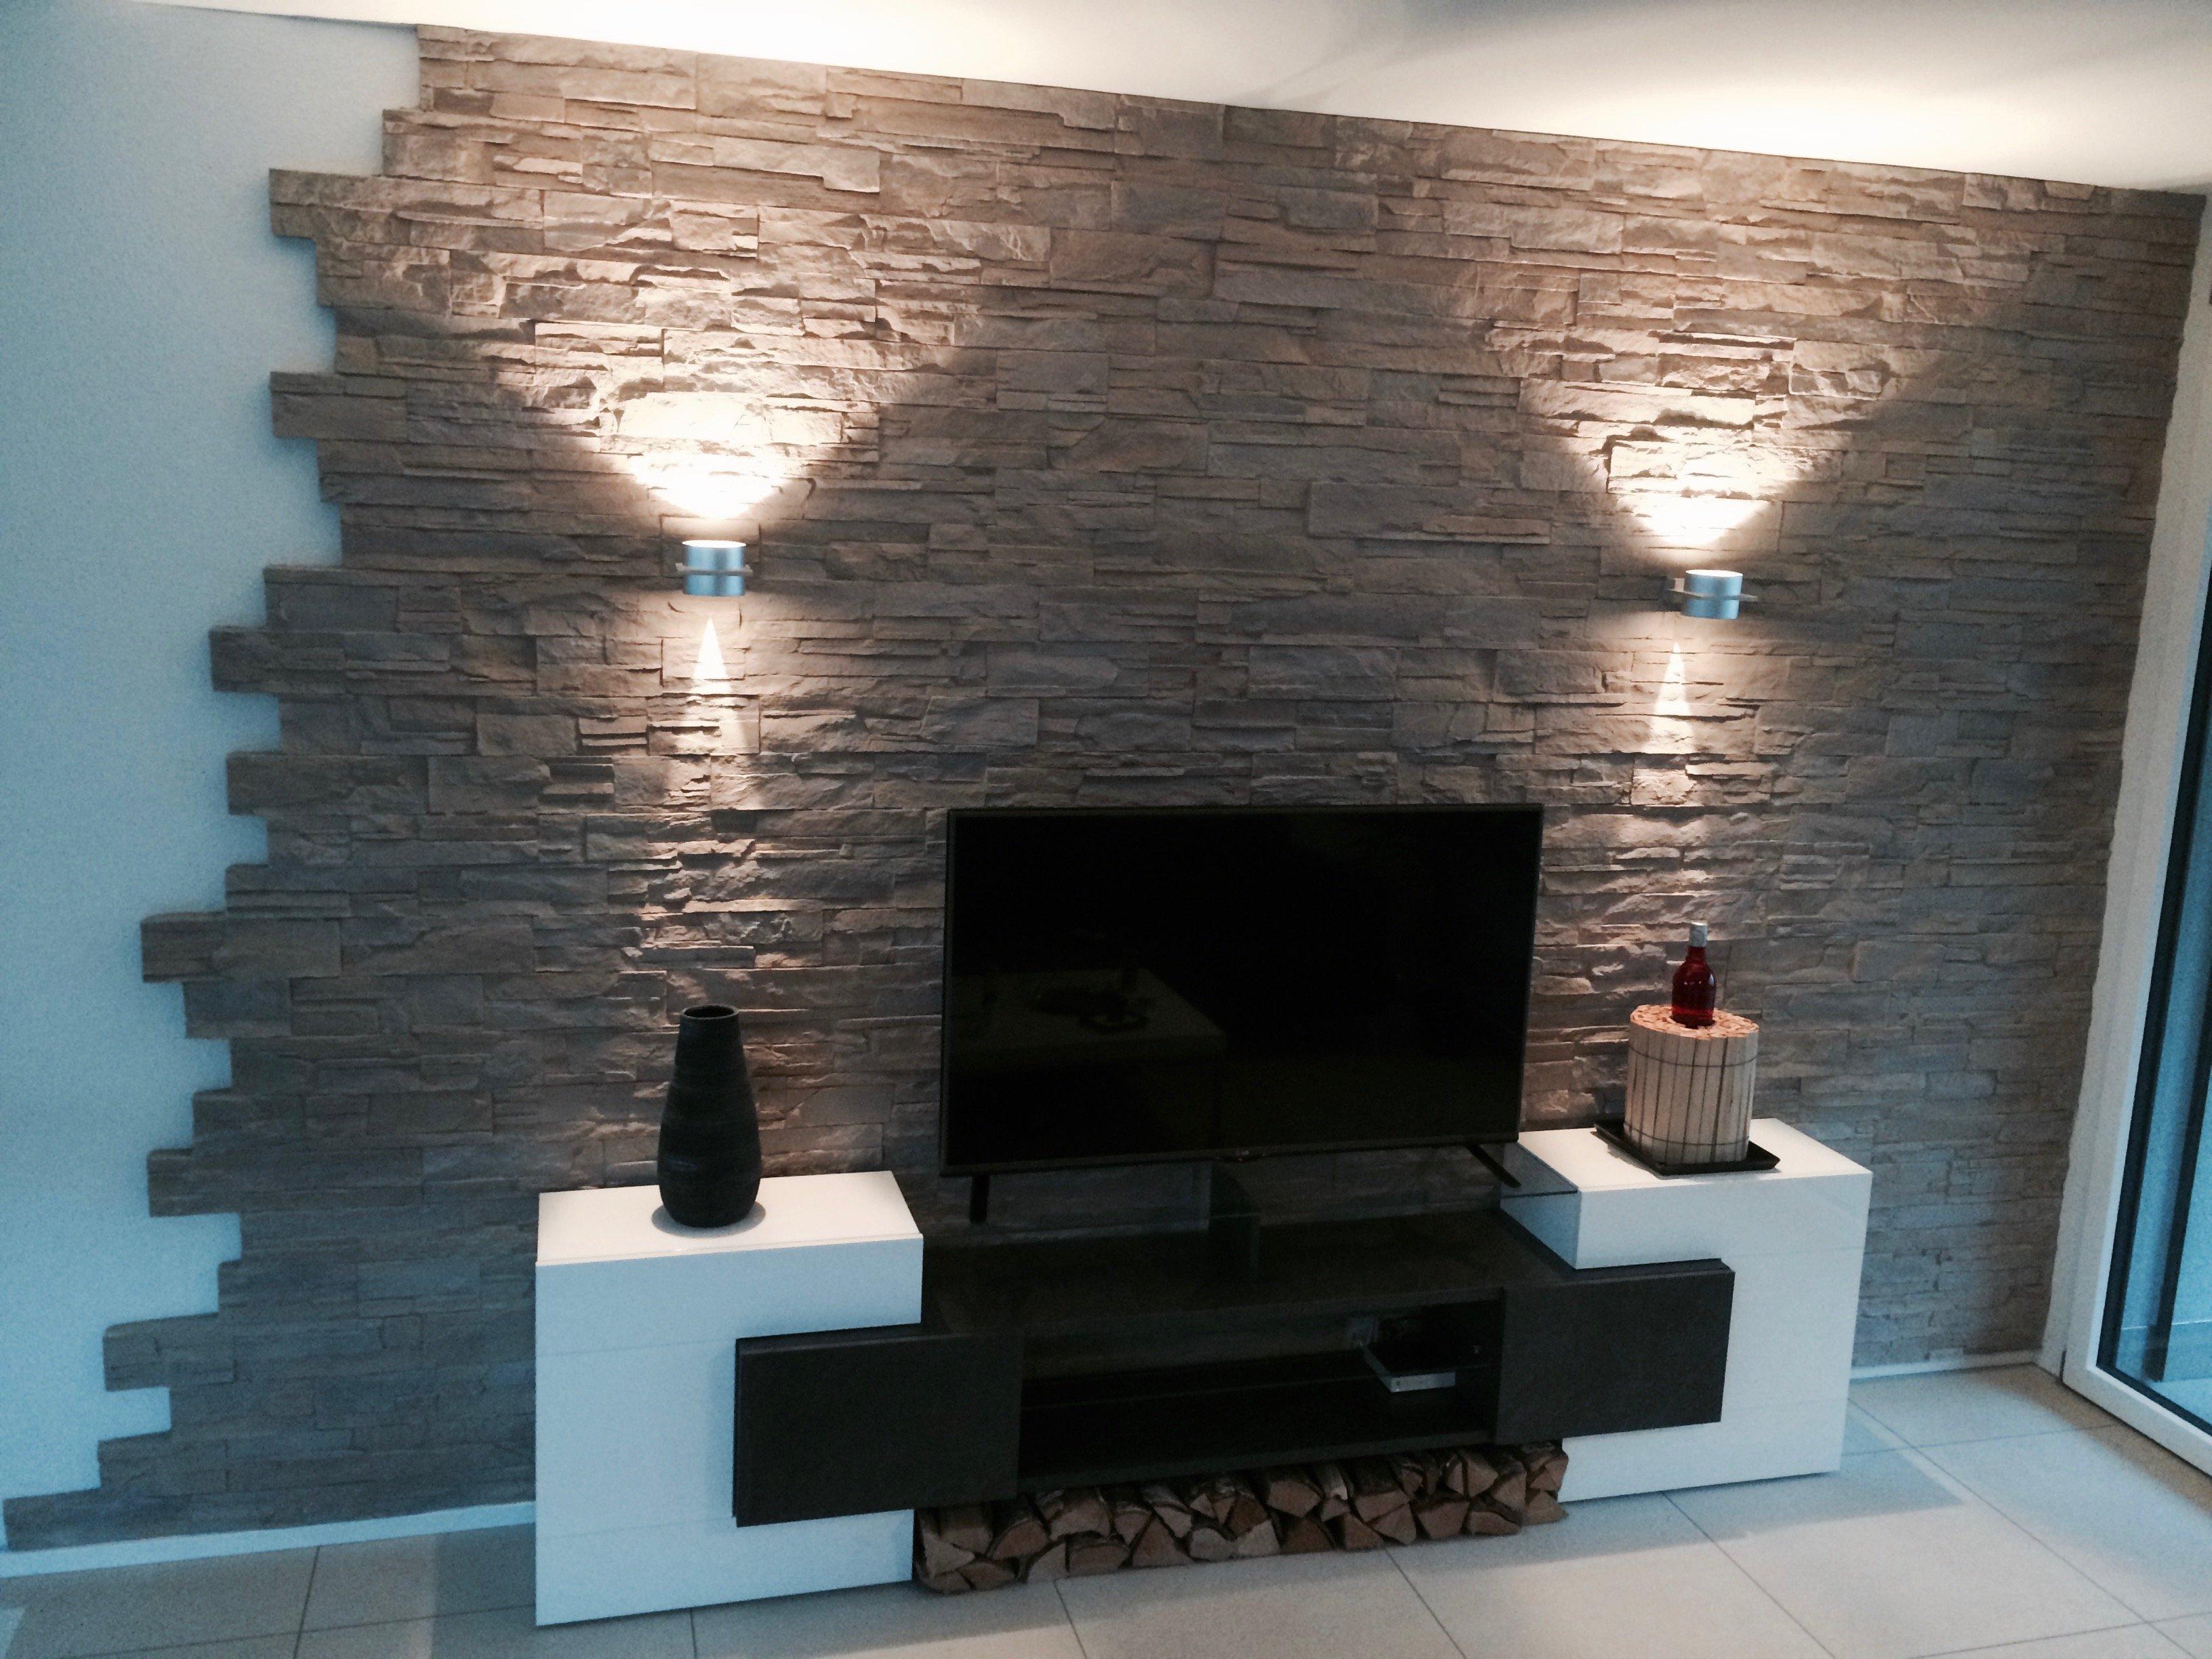 wohnzimmer kunst wandgestaltung, wandgestaltung wohnzimmer - 20 attraktive ideen für stilvolles, Design ideen